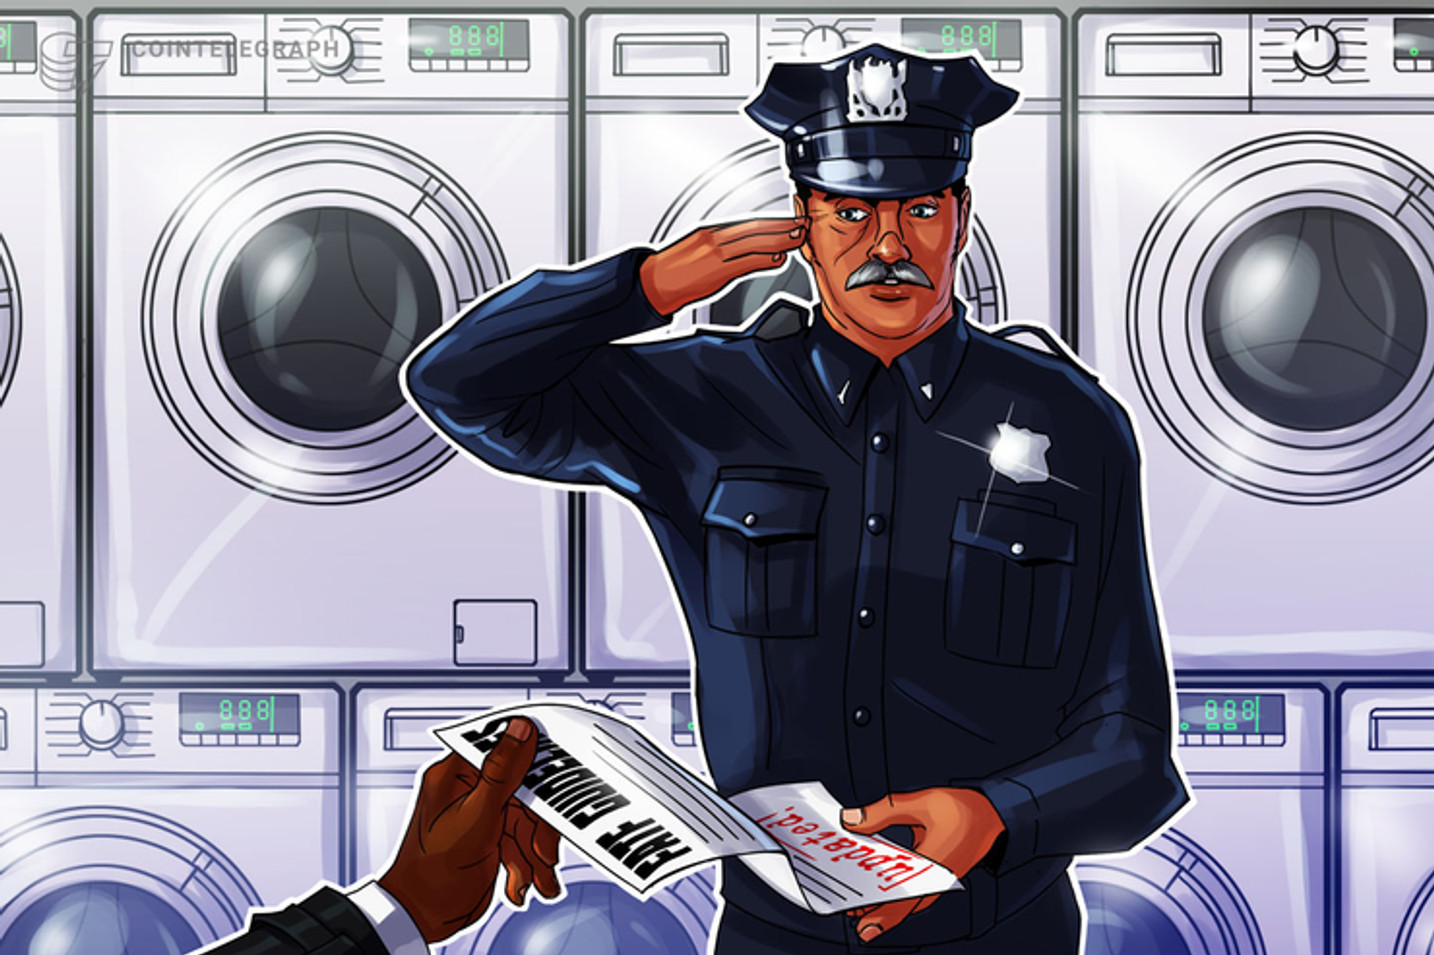 CipherTrace insta a las compañías que trabajan con criptomonedas a prepararse para el cumplimiento de las normas contra el lavado de dinero